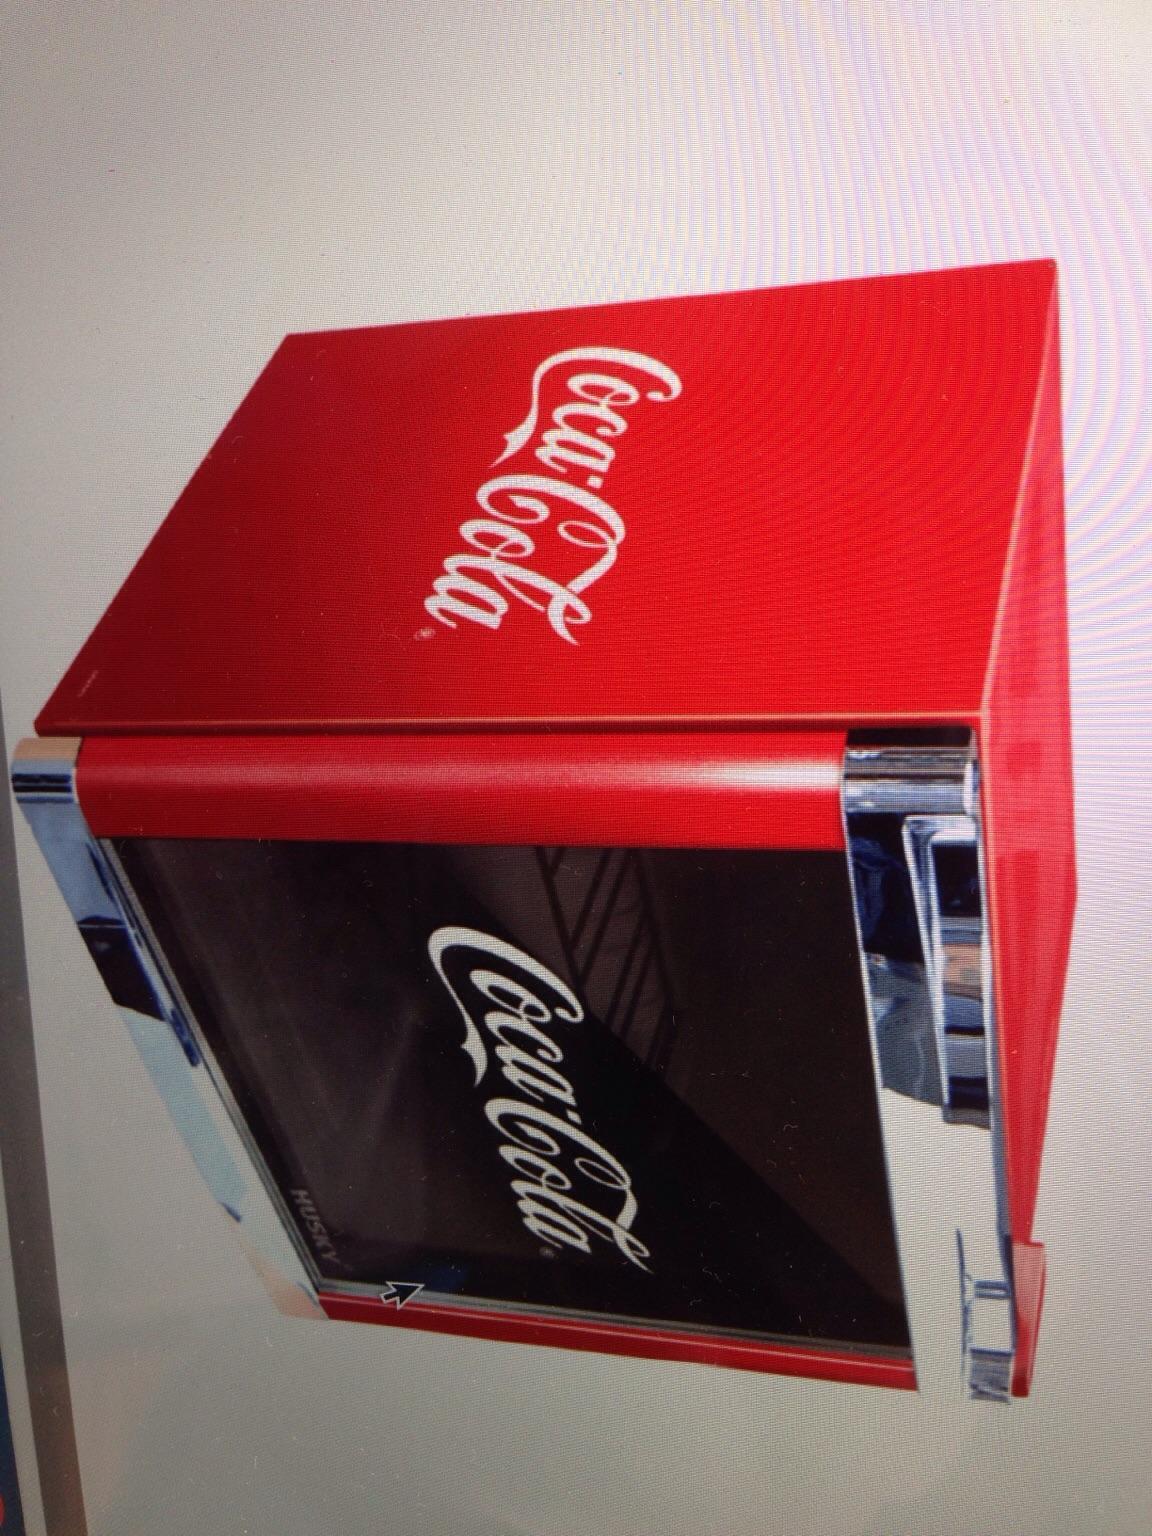 Husky Retro Kühlschrank : Husky coca cola mini kühlschrank: husky kühlschrank im check